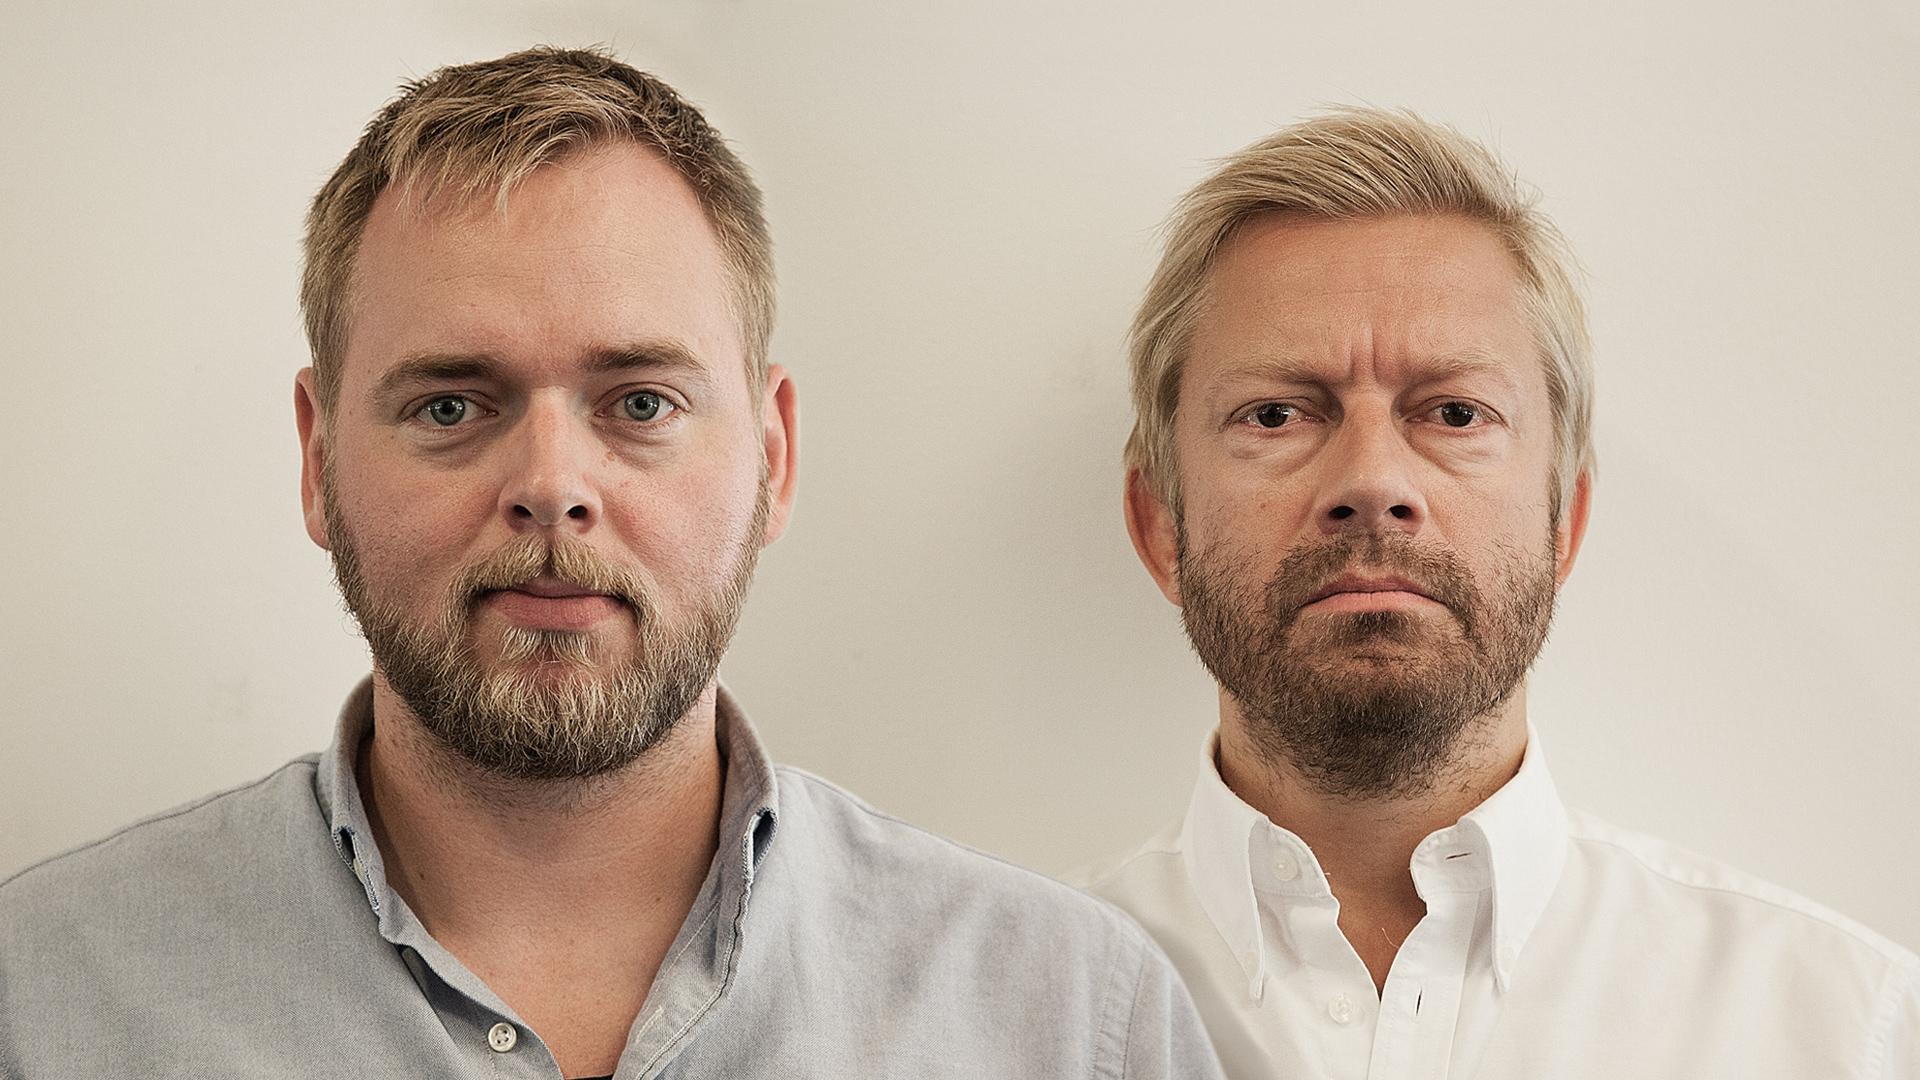 Tore og Bjartes skjeggkonkurranse (Foto: Kristoffer Pettersen Rambøl, NRK P3).